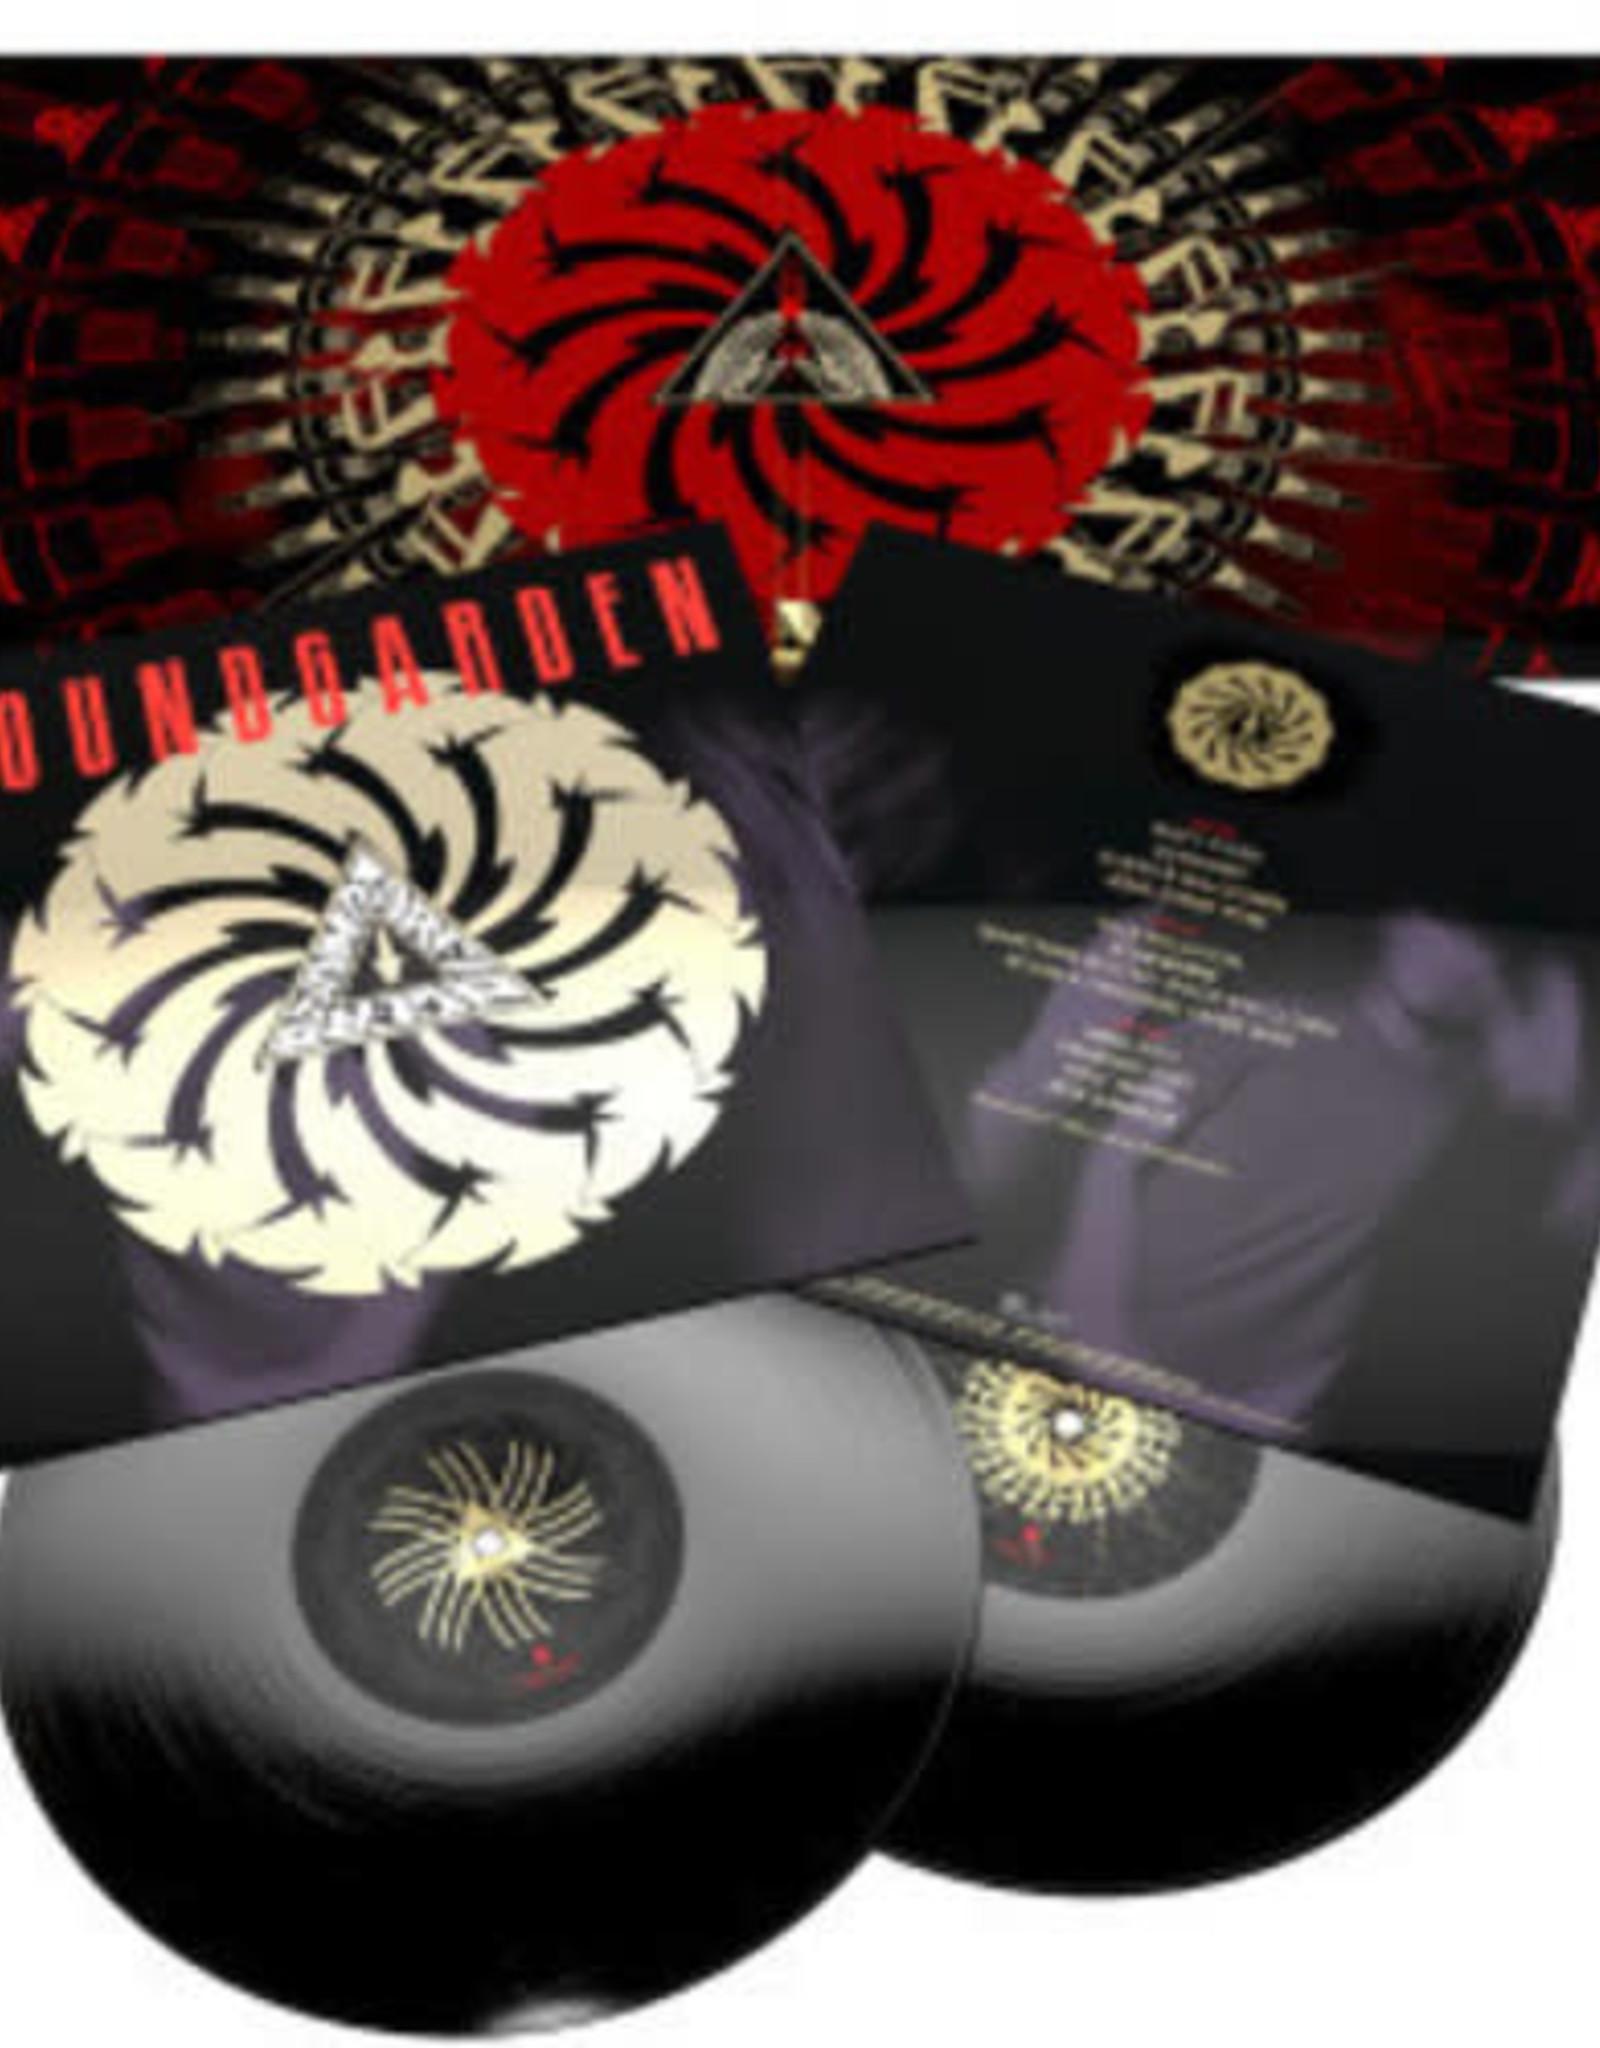 Soundgarden - Badmotorfinger (Deluxe)